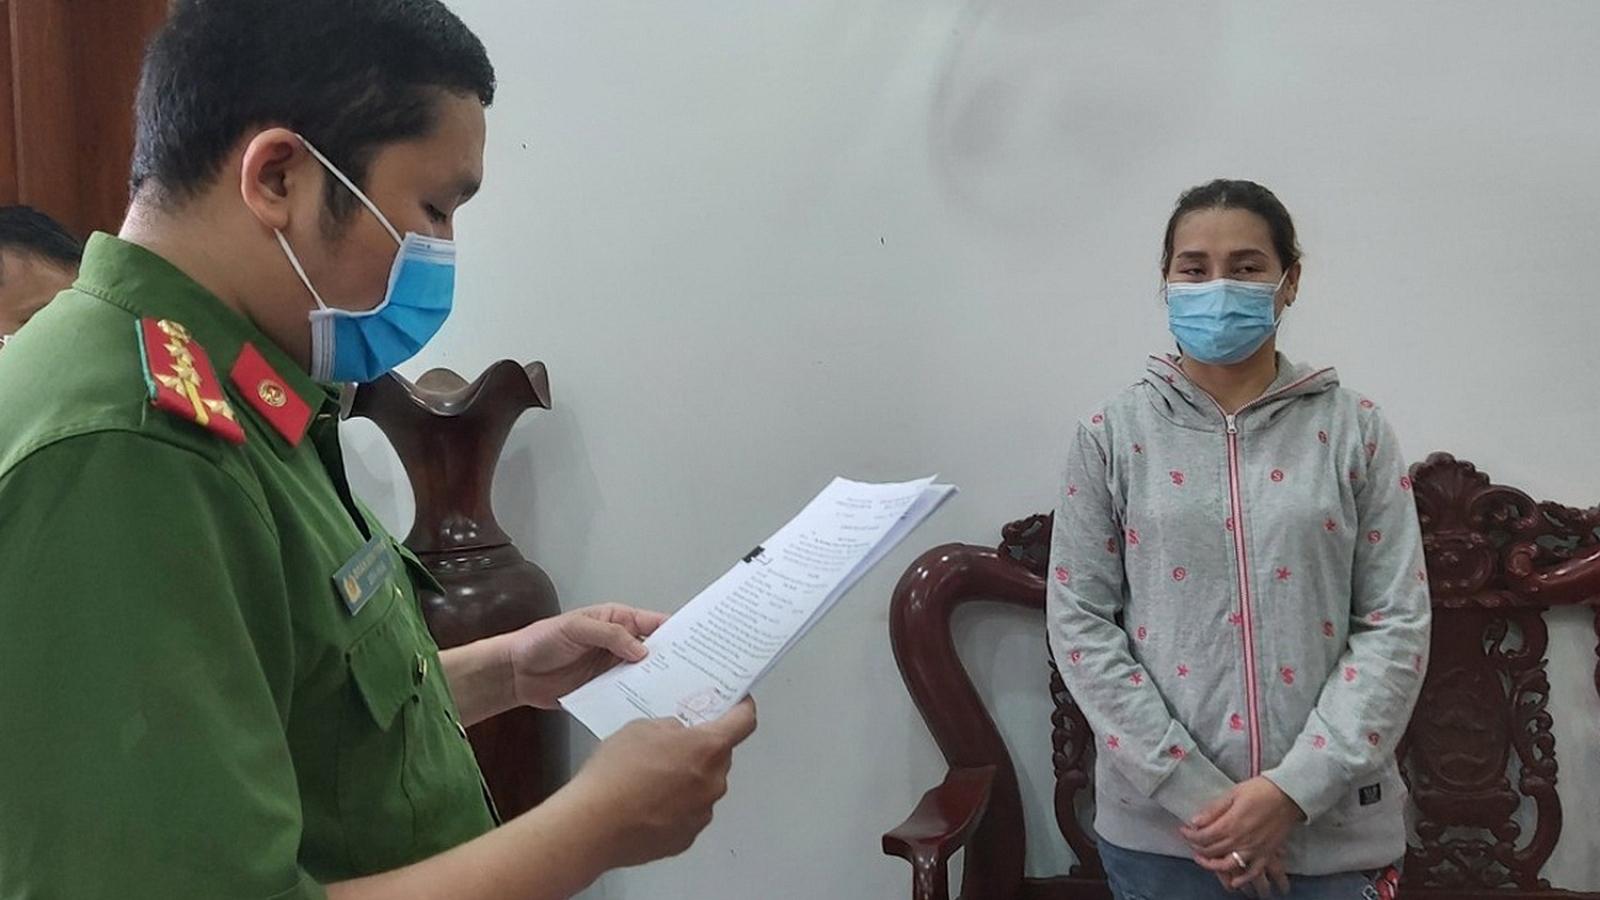 Đà Nẵng bắt giữ 2 đối tượng cho vay nặng lãi 1%/ngày